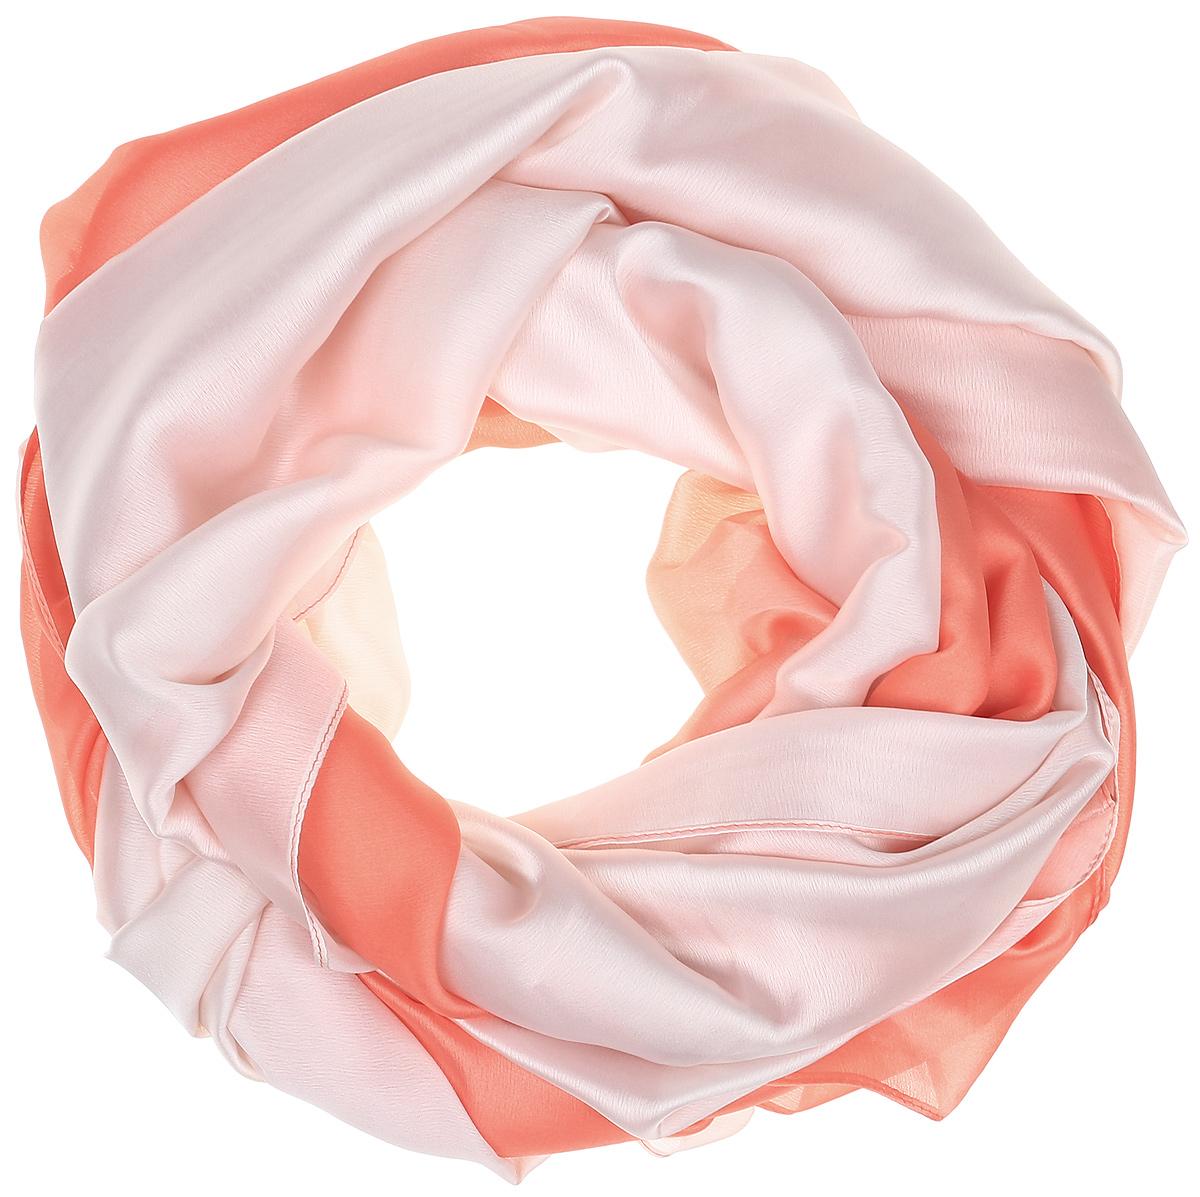 Палантин Vita Pelle, цвет: персиковый, светло-розовый. Ro02PG1637/12. Размер 90 см х 180 смRo02PG1637/12Палантин от Vita Pelle изготовлен из шелка с добавлением полиэстера и рами. Модель оформлена градиентным переходом и тонкой подгибкой по краям.